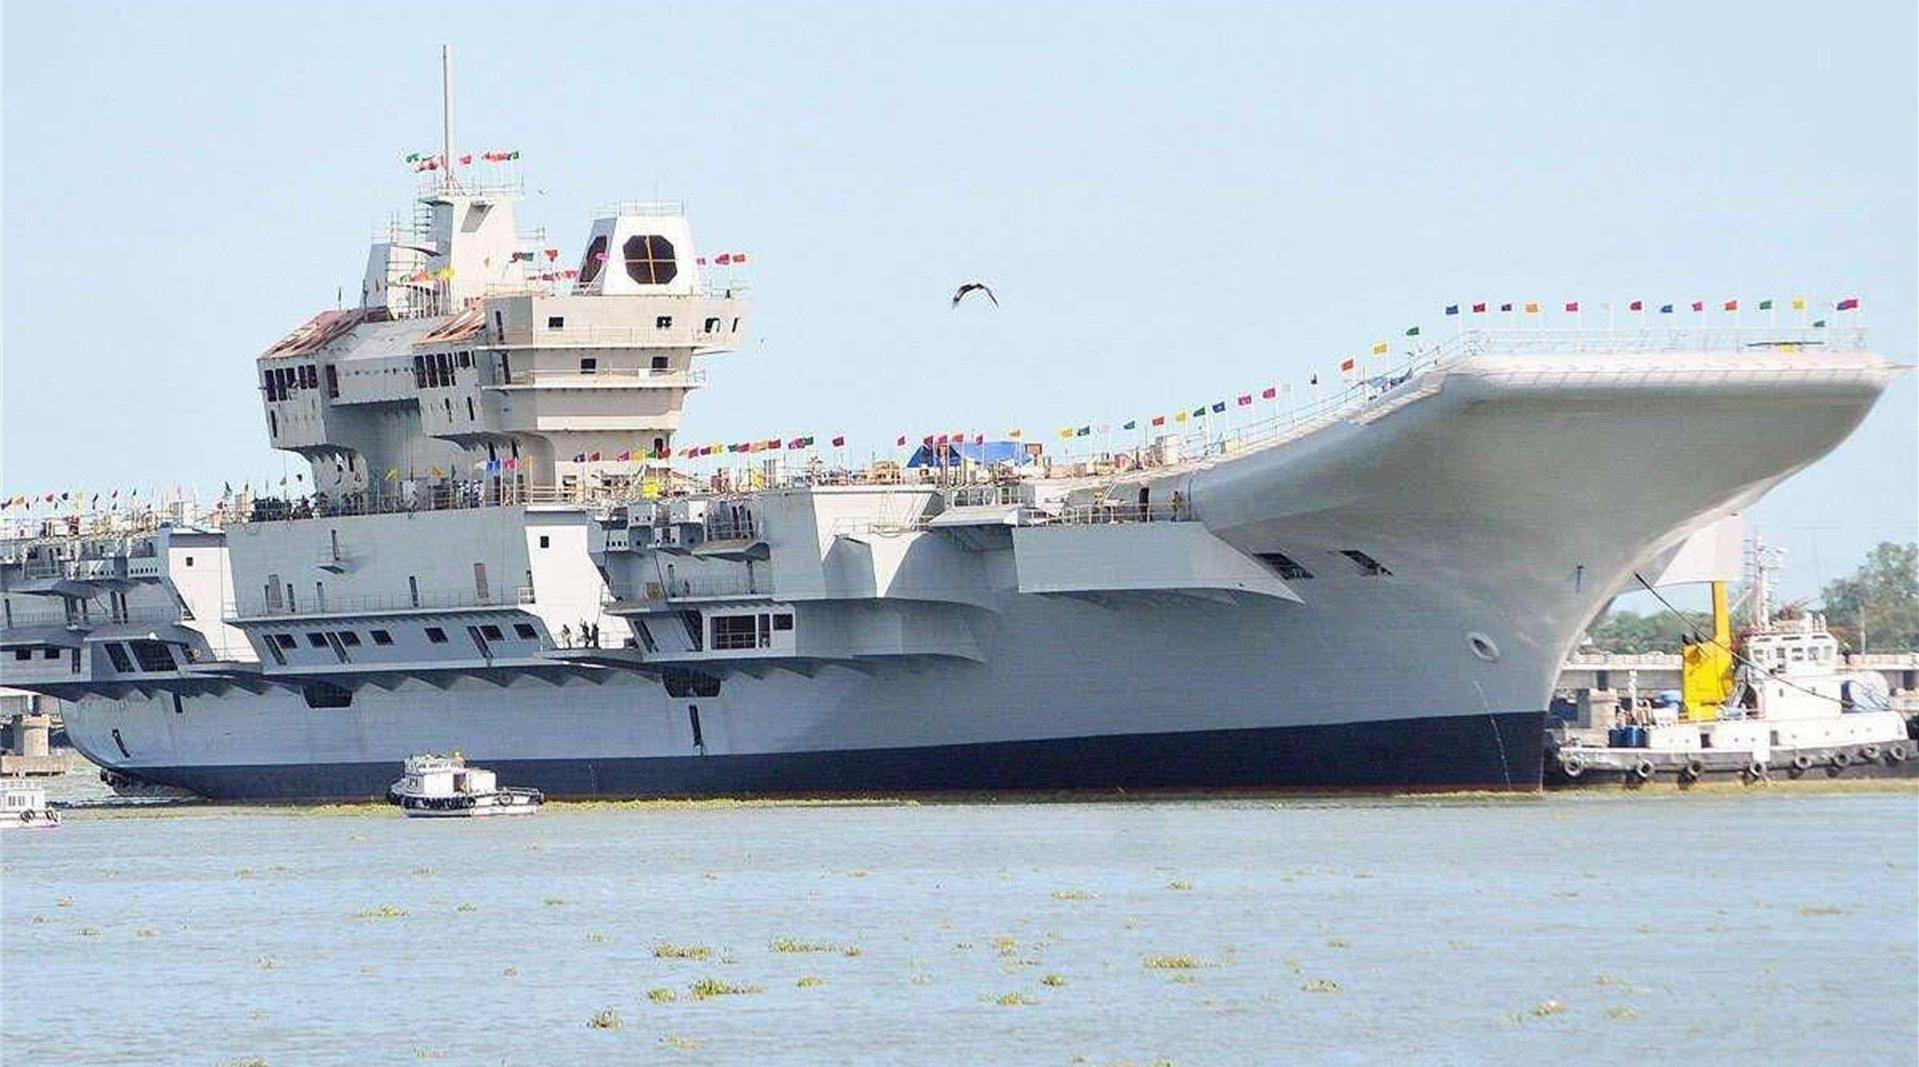 印度新航母即将首次出海,会用F18做舰载机吗?